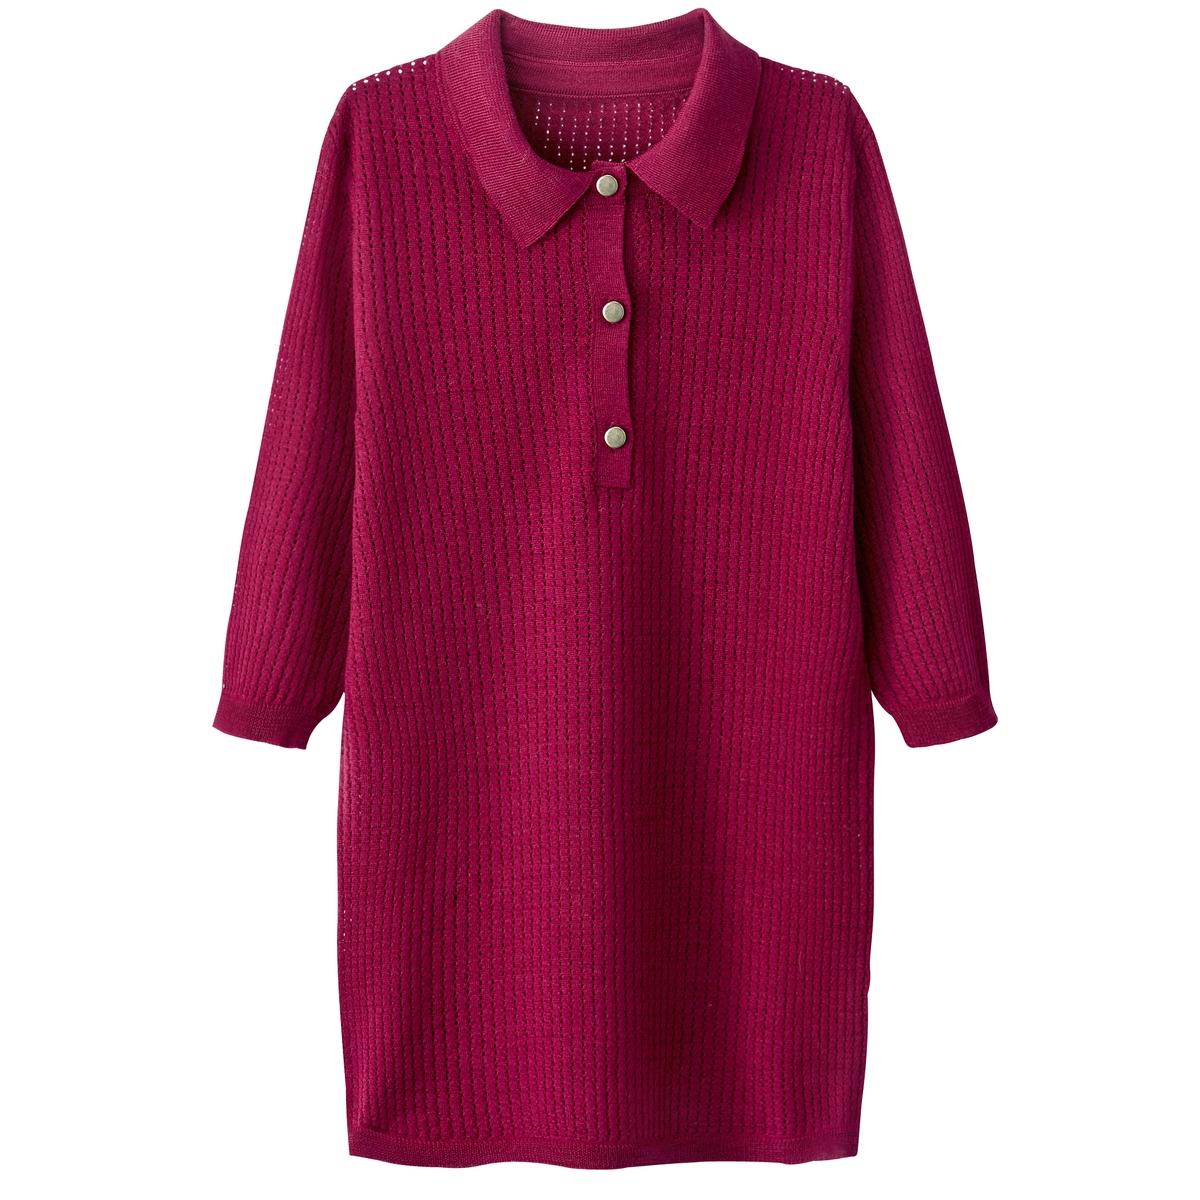 Пуловер ажурный с воротником-поло, 100% шерсть